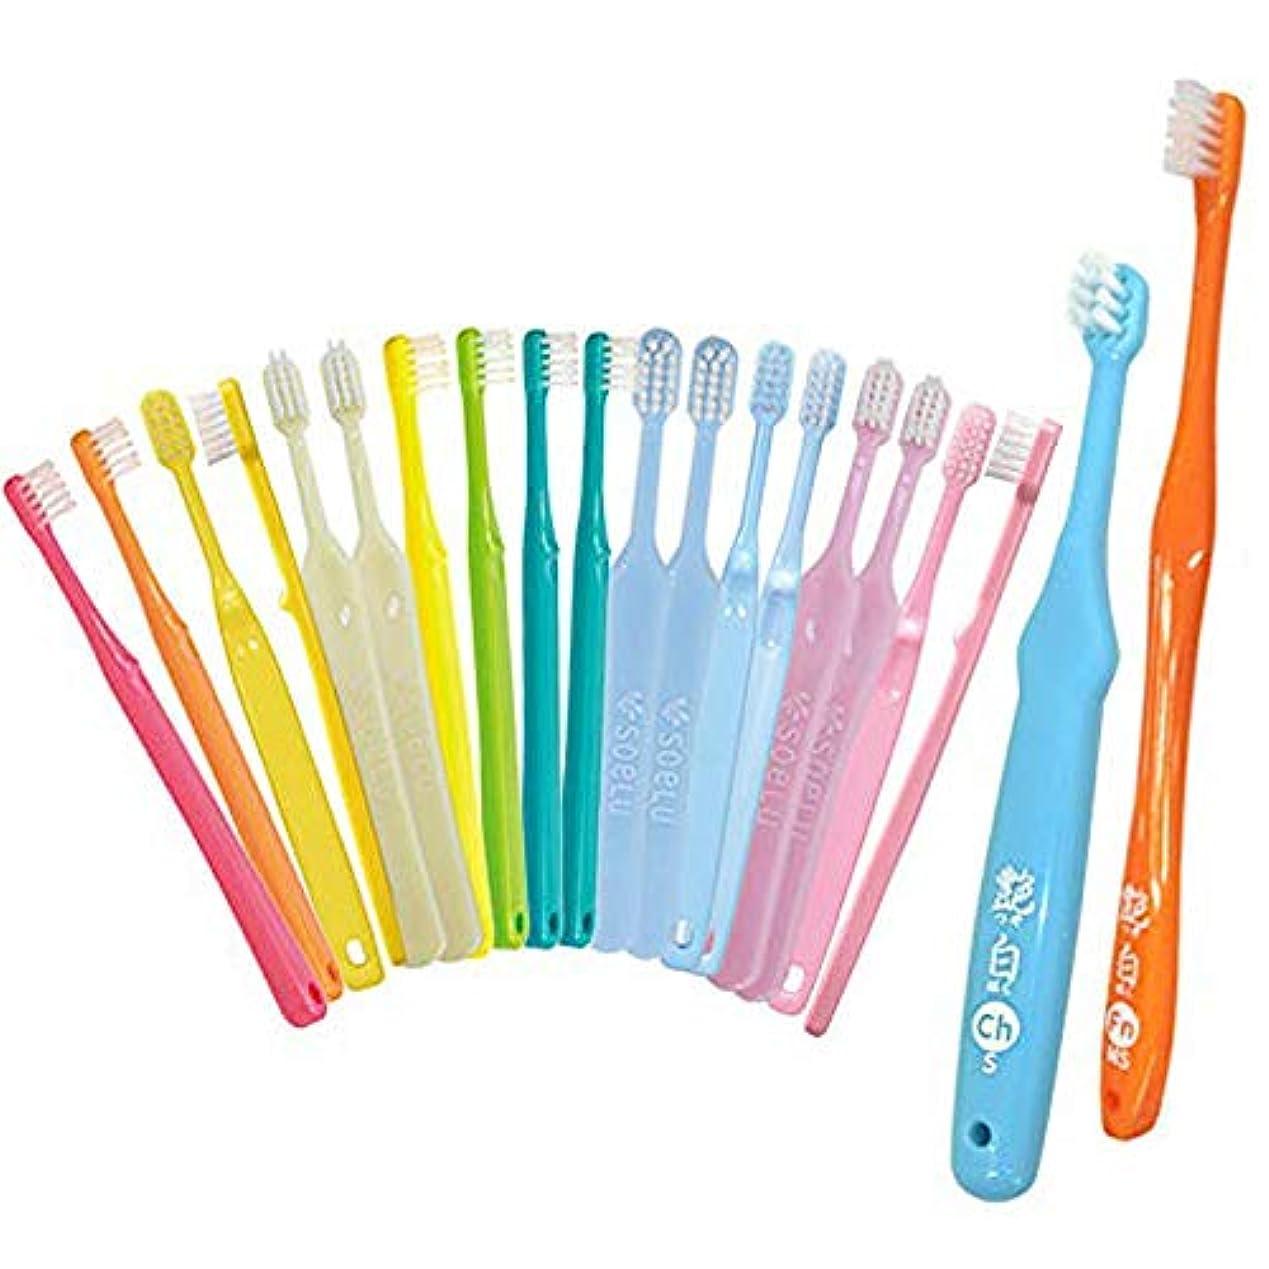 【歯科医院取扱品】 子供用歯ブラシ 福袋 × 20本 チャイルド 対象年齢:3歳~6歳